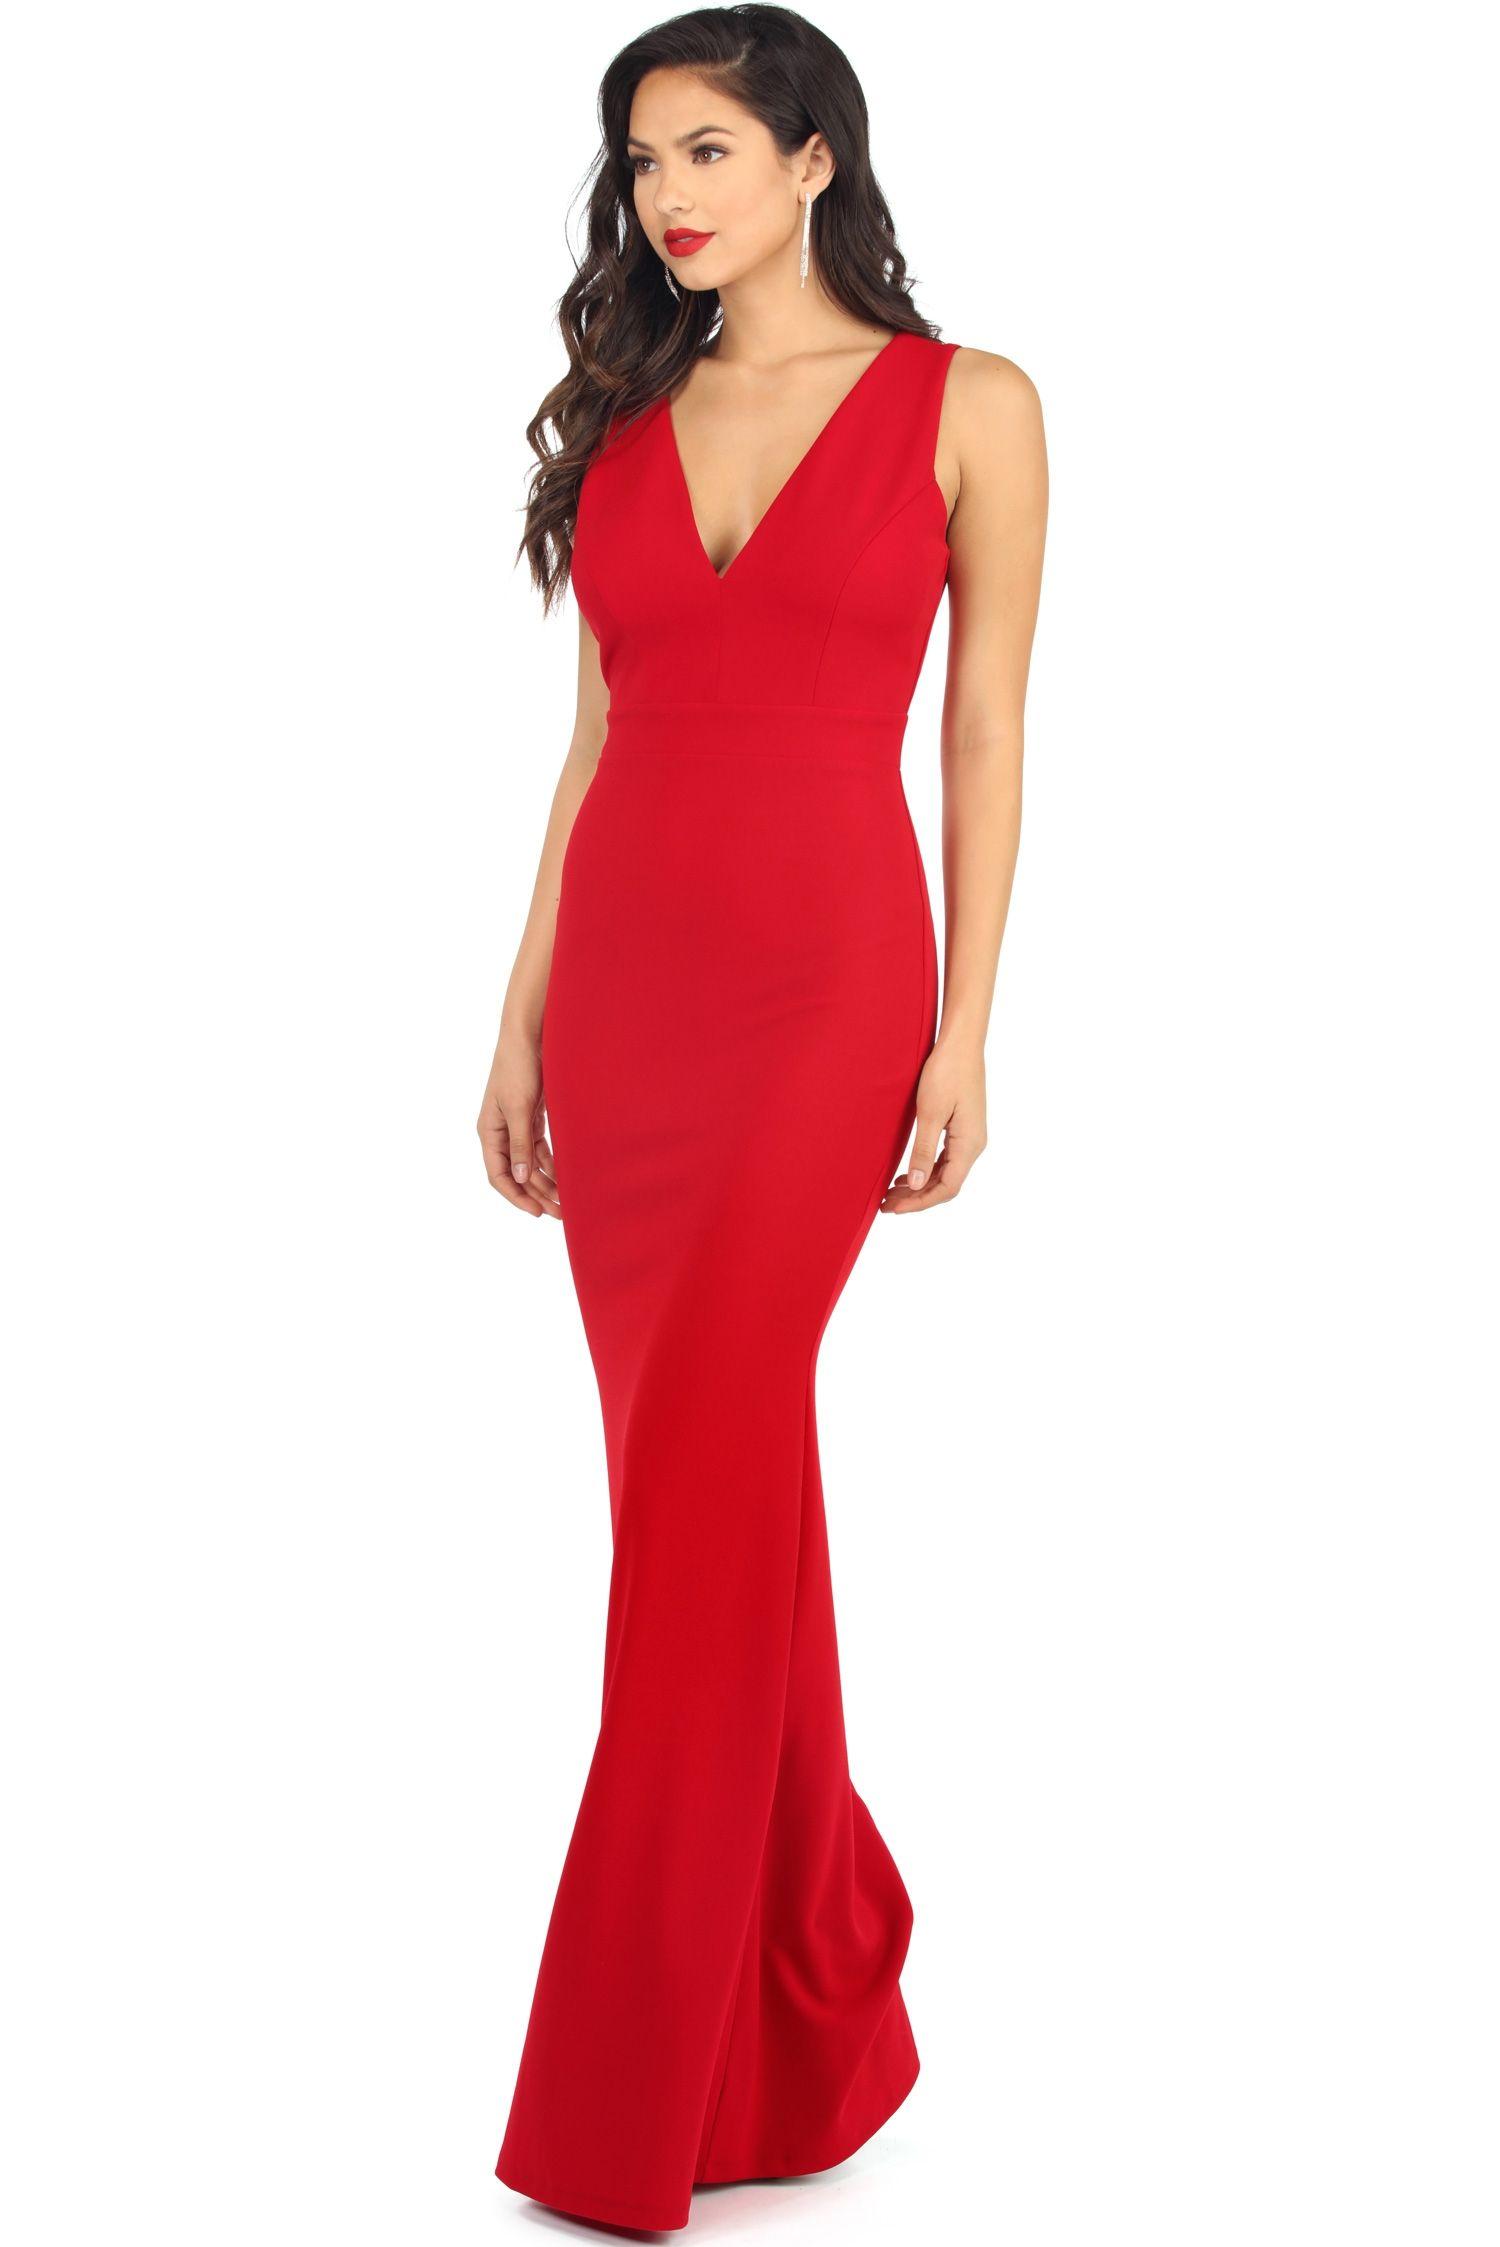 Windsor Red Dress